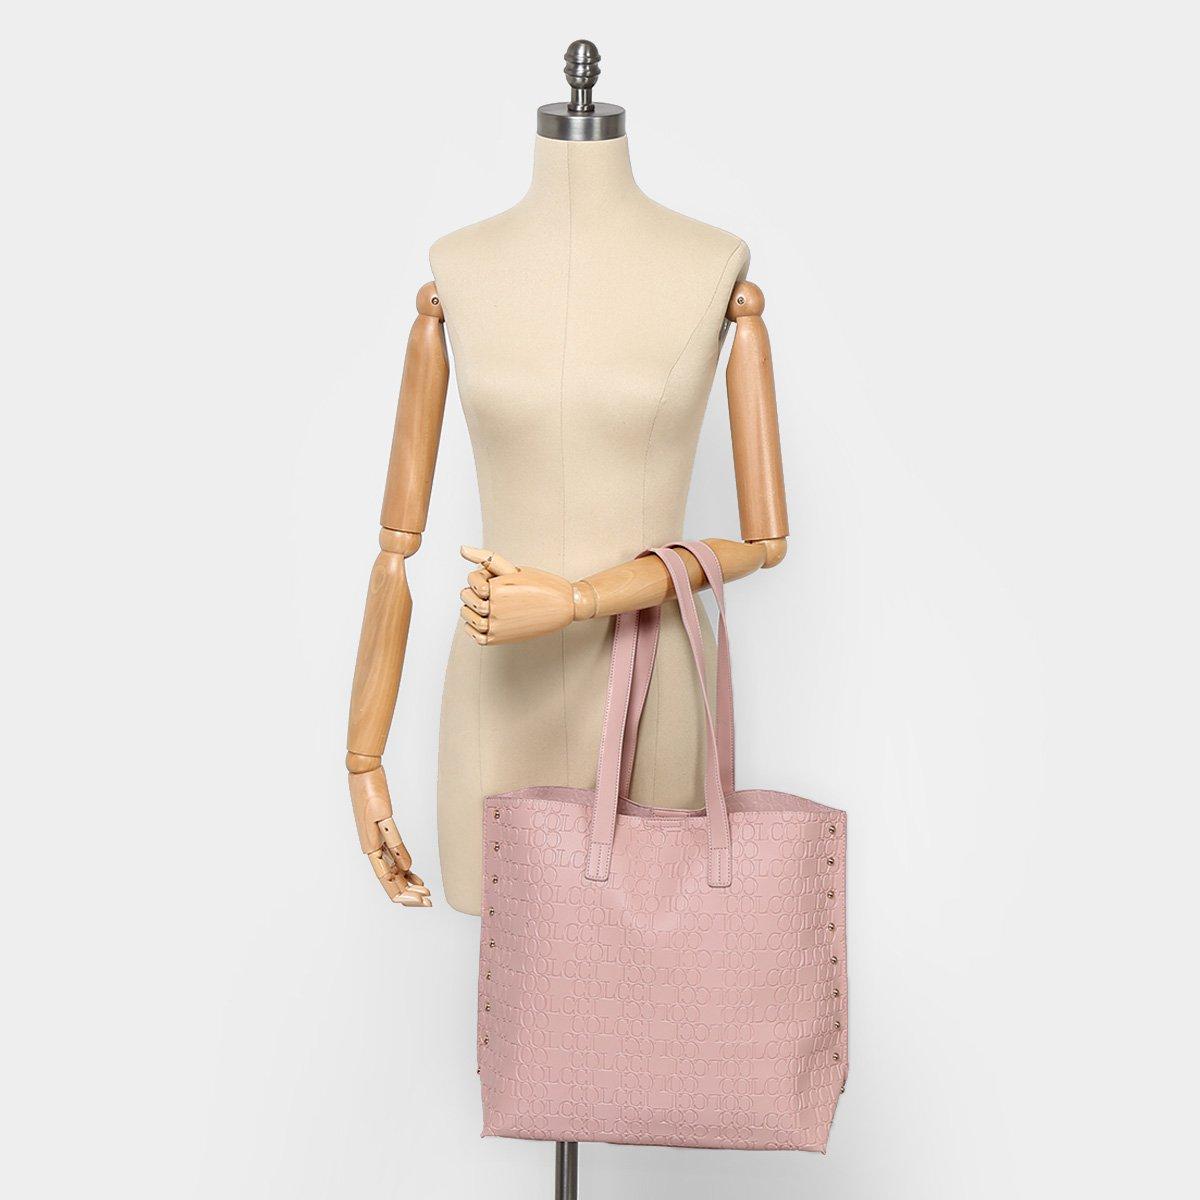 21f2992d5 Bolsa Colcci Shopper Croco Tachas Feminina   Livelo -Sua Vida com ...